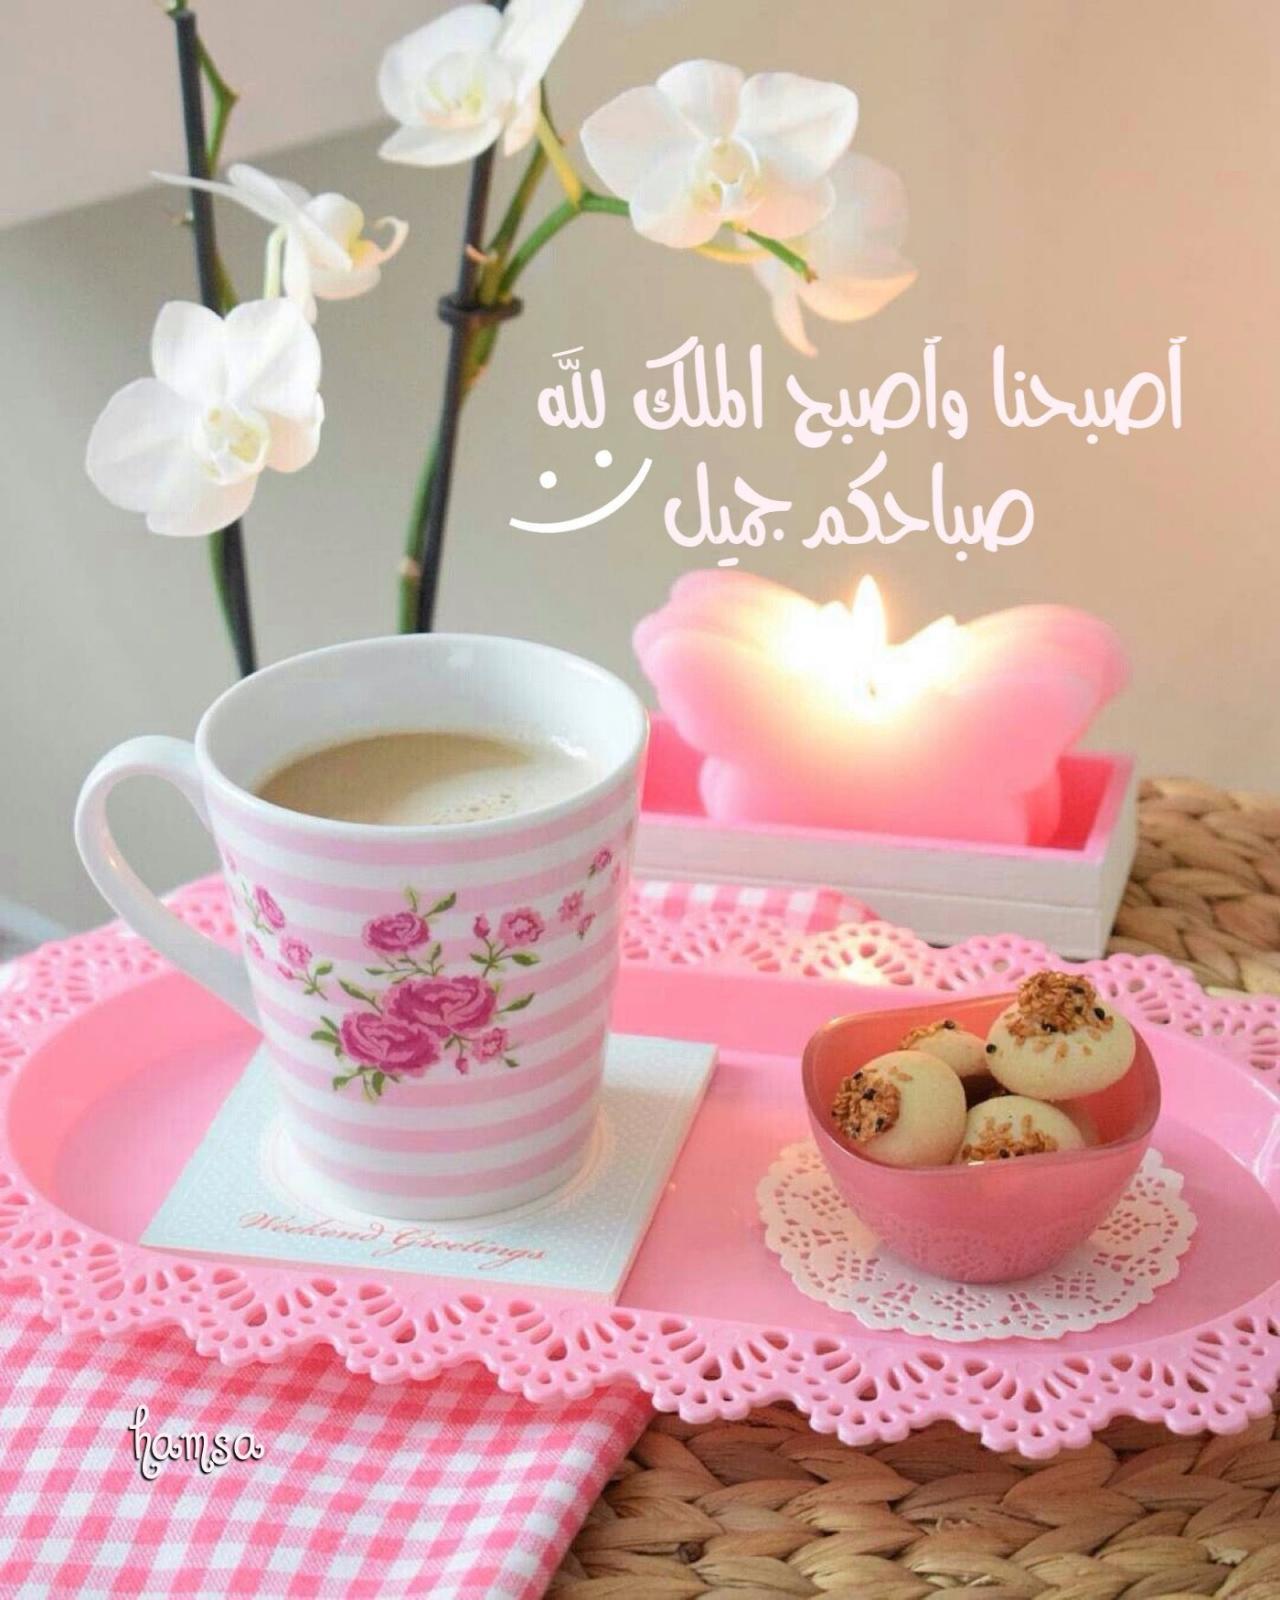 صور اجمل صور صباح , صورة جميلة عن الصباح